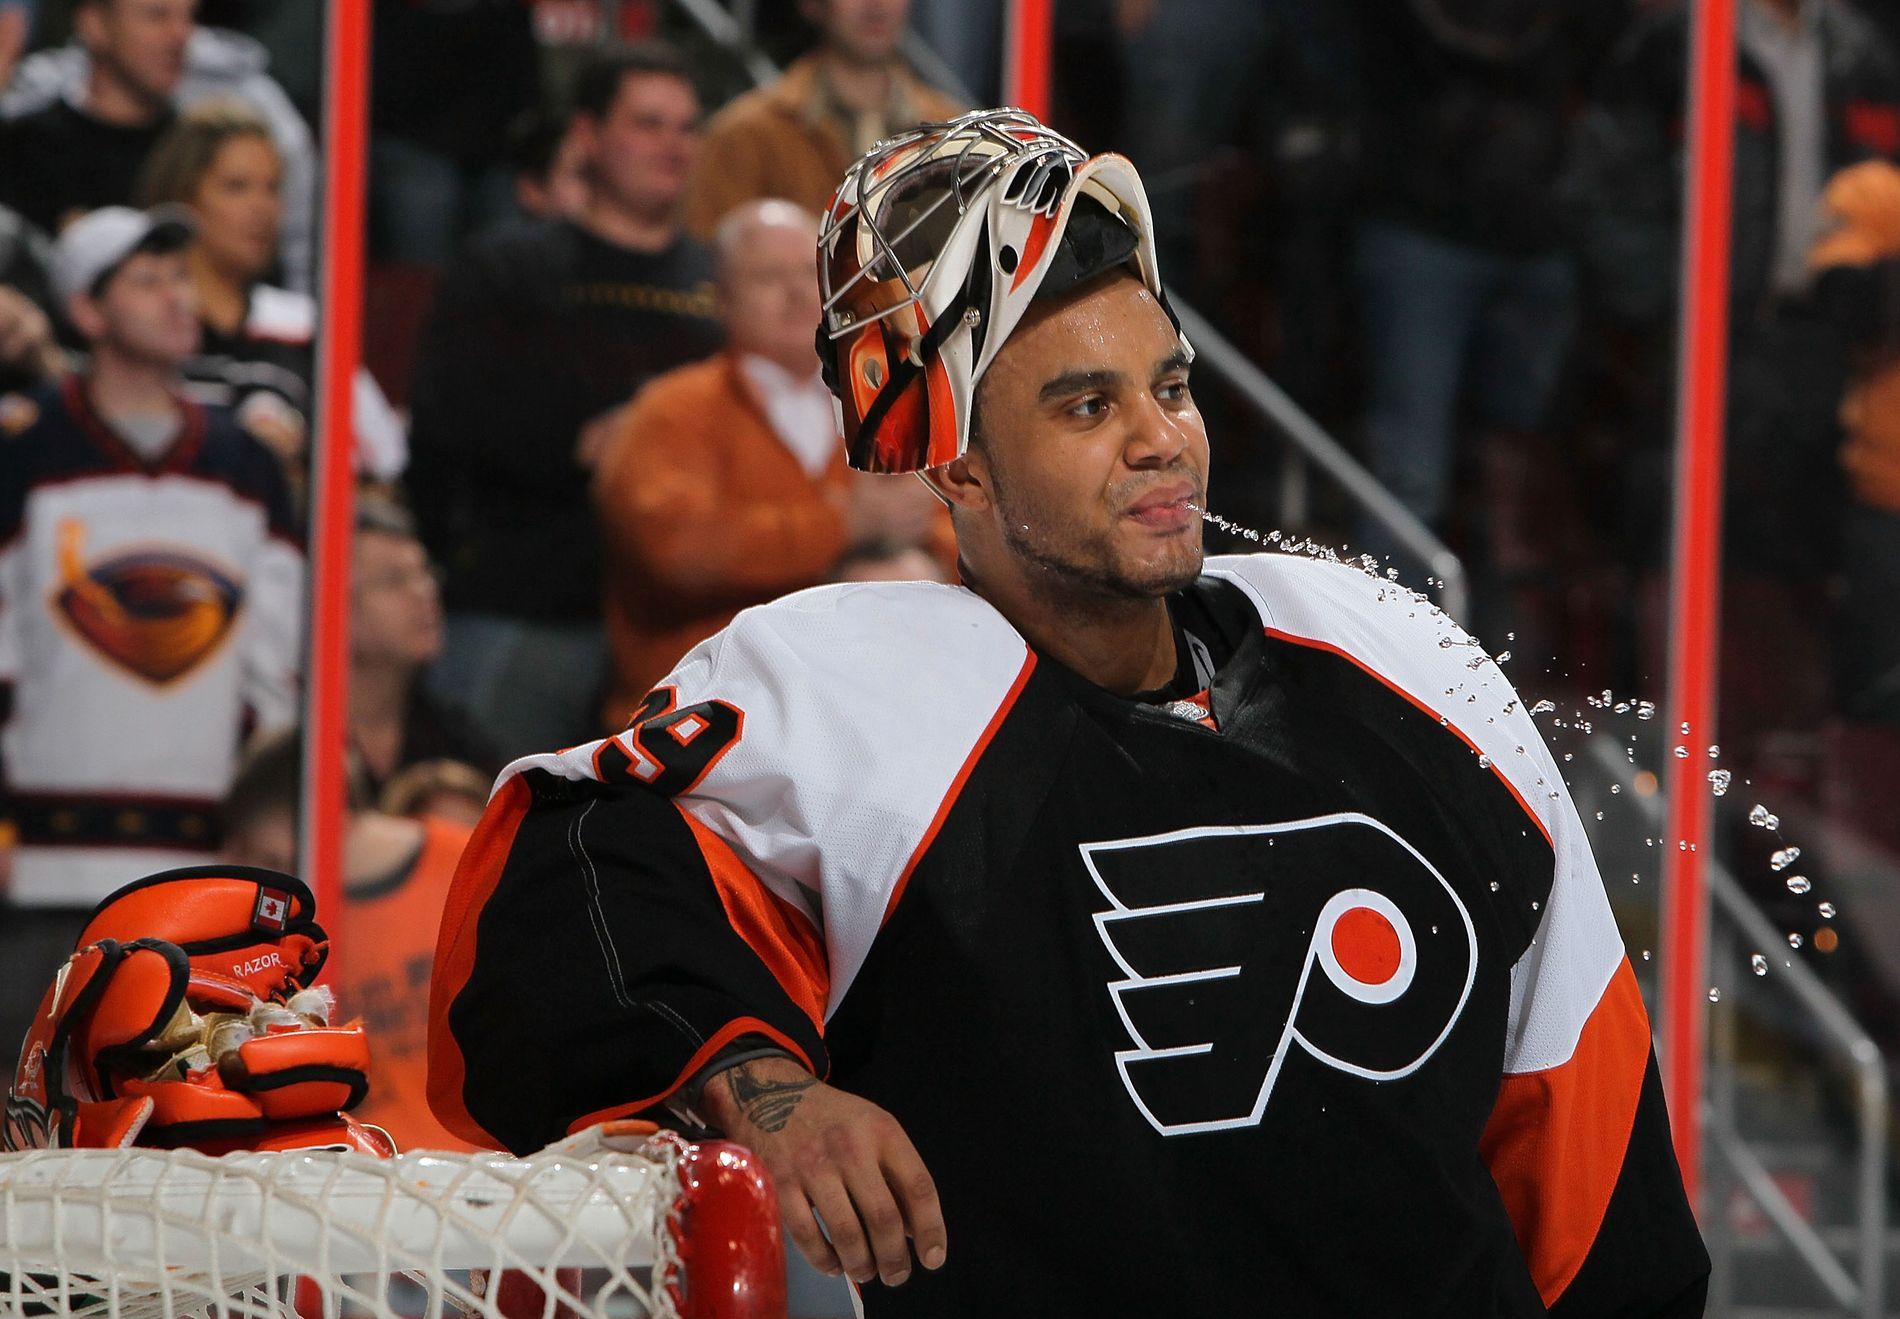 Ray Emery tar en drikkepause under en kamp for Philadelphia Flyers i 2010.